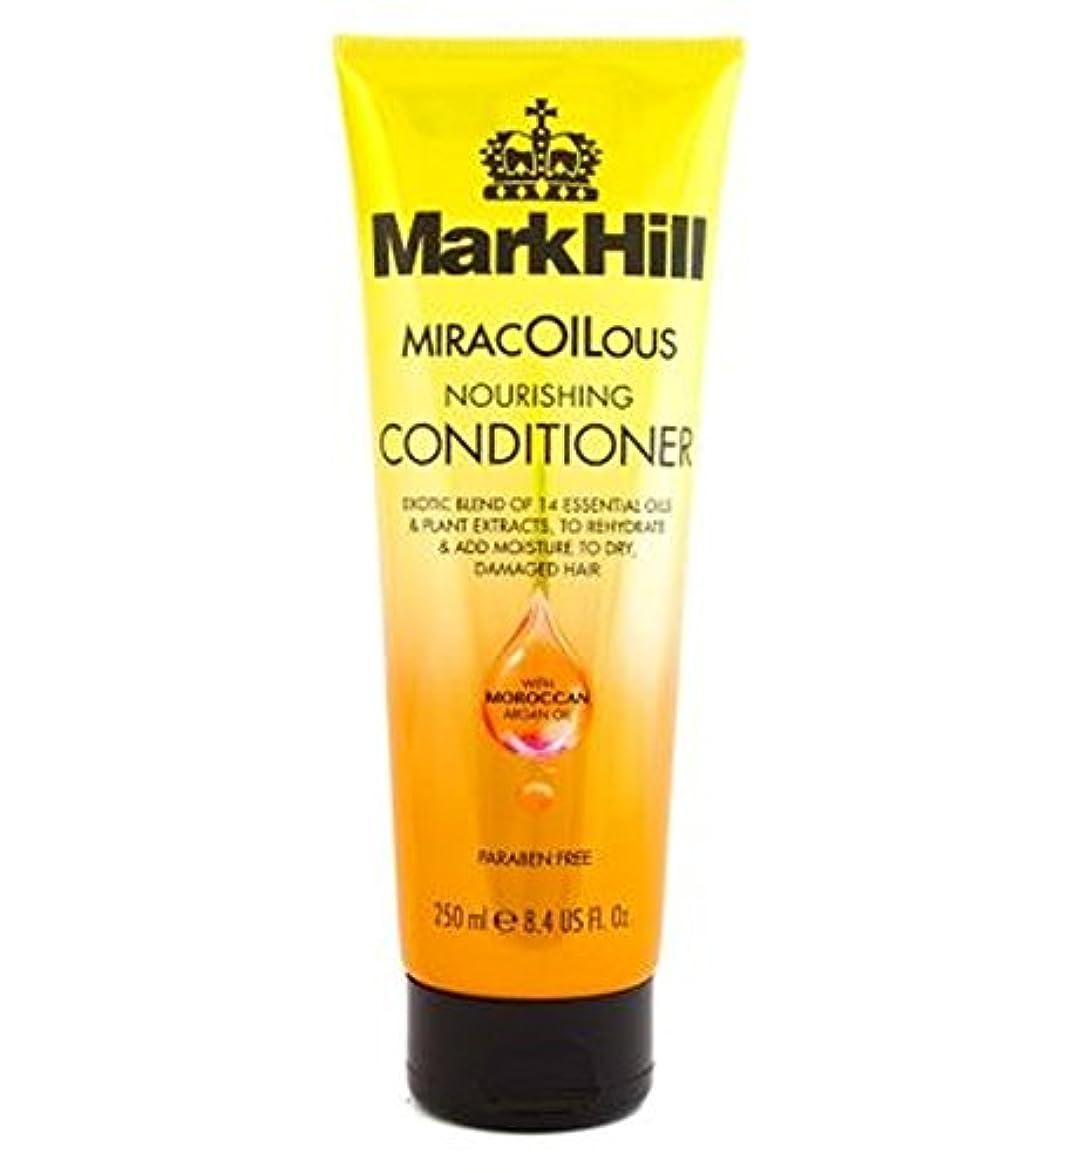 とティーム蓋ふさわしいMark Hill MiracOILicious Conditioner 250ml - マーク丘Miracoiliciousコンディショナー250Ml (Mark Hill) [並行輸入品]